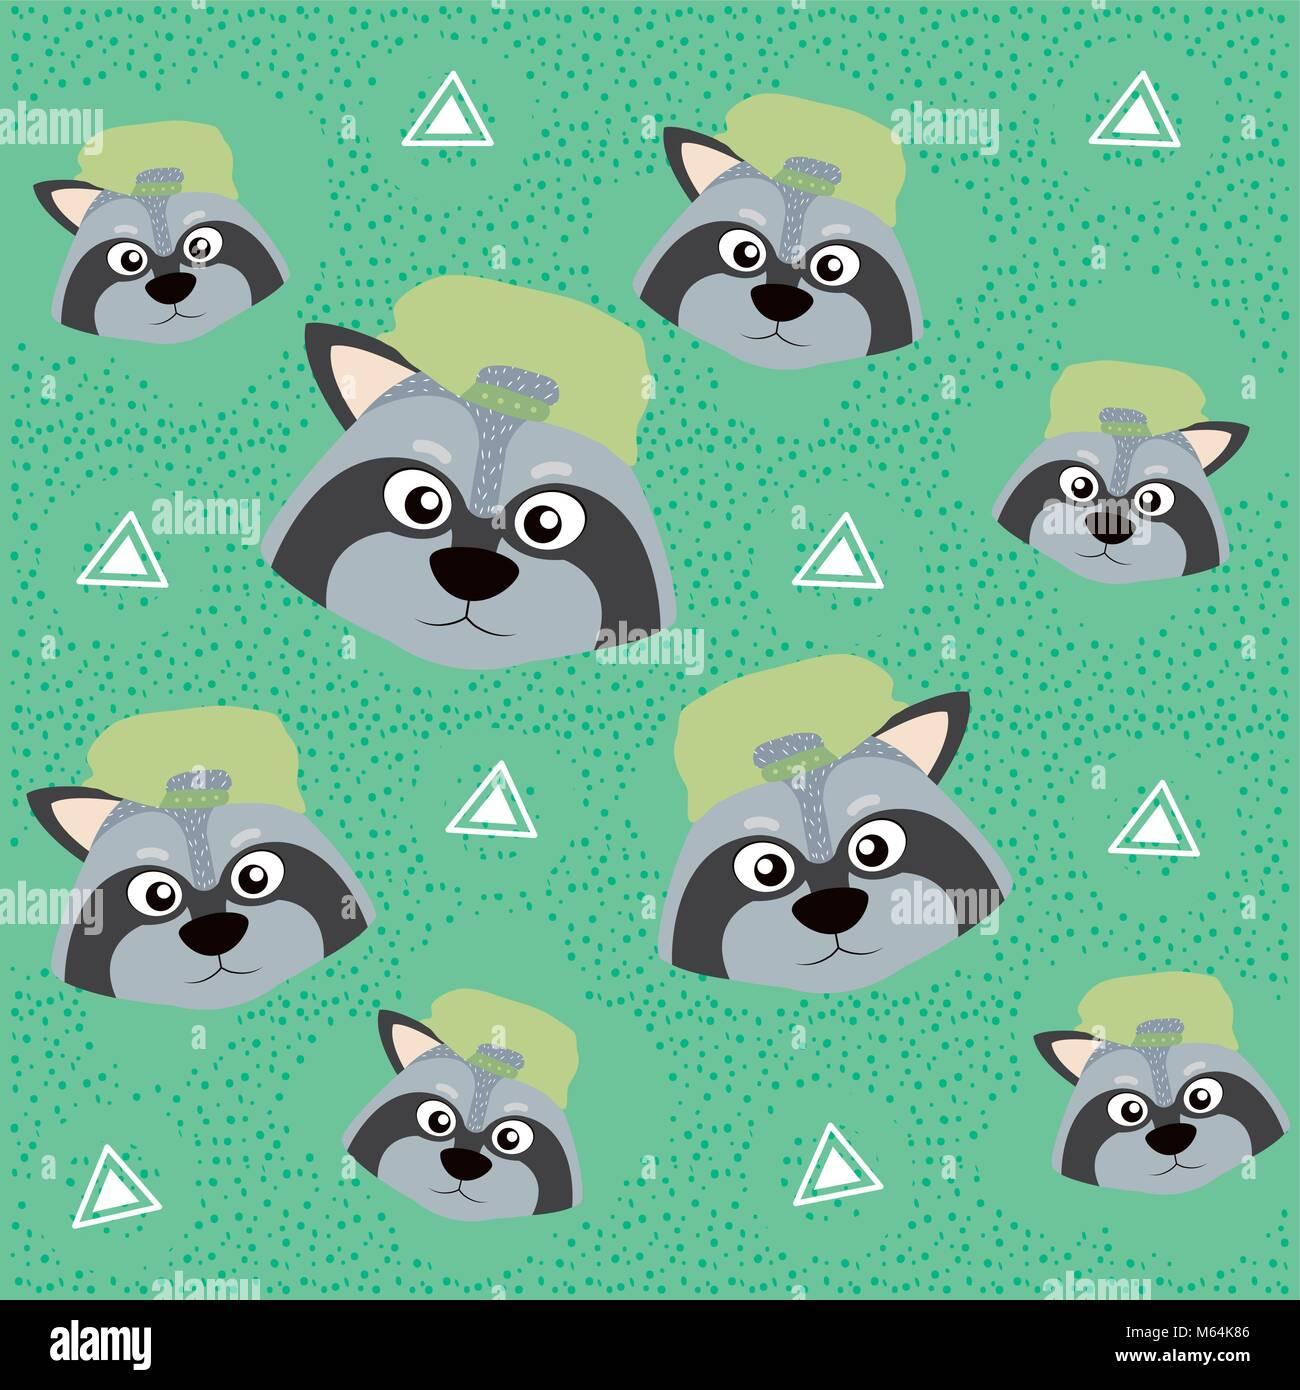 Erfreut Süße Waschbär Färbung Seite Fotos - Malvorlagen Von Tieren ...